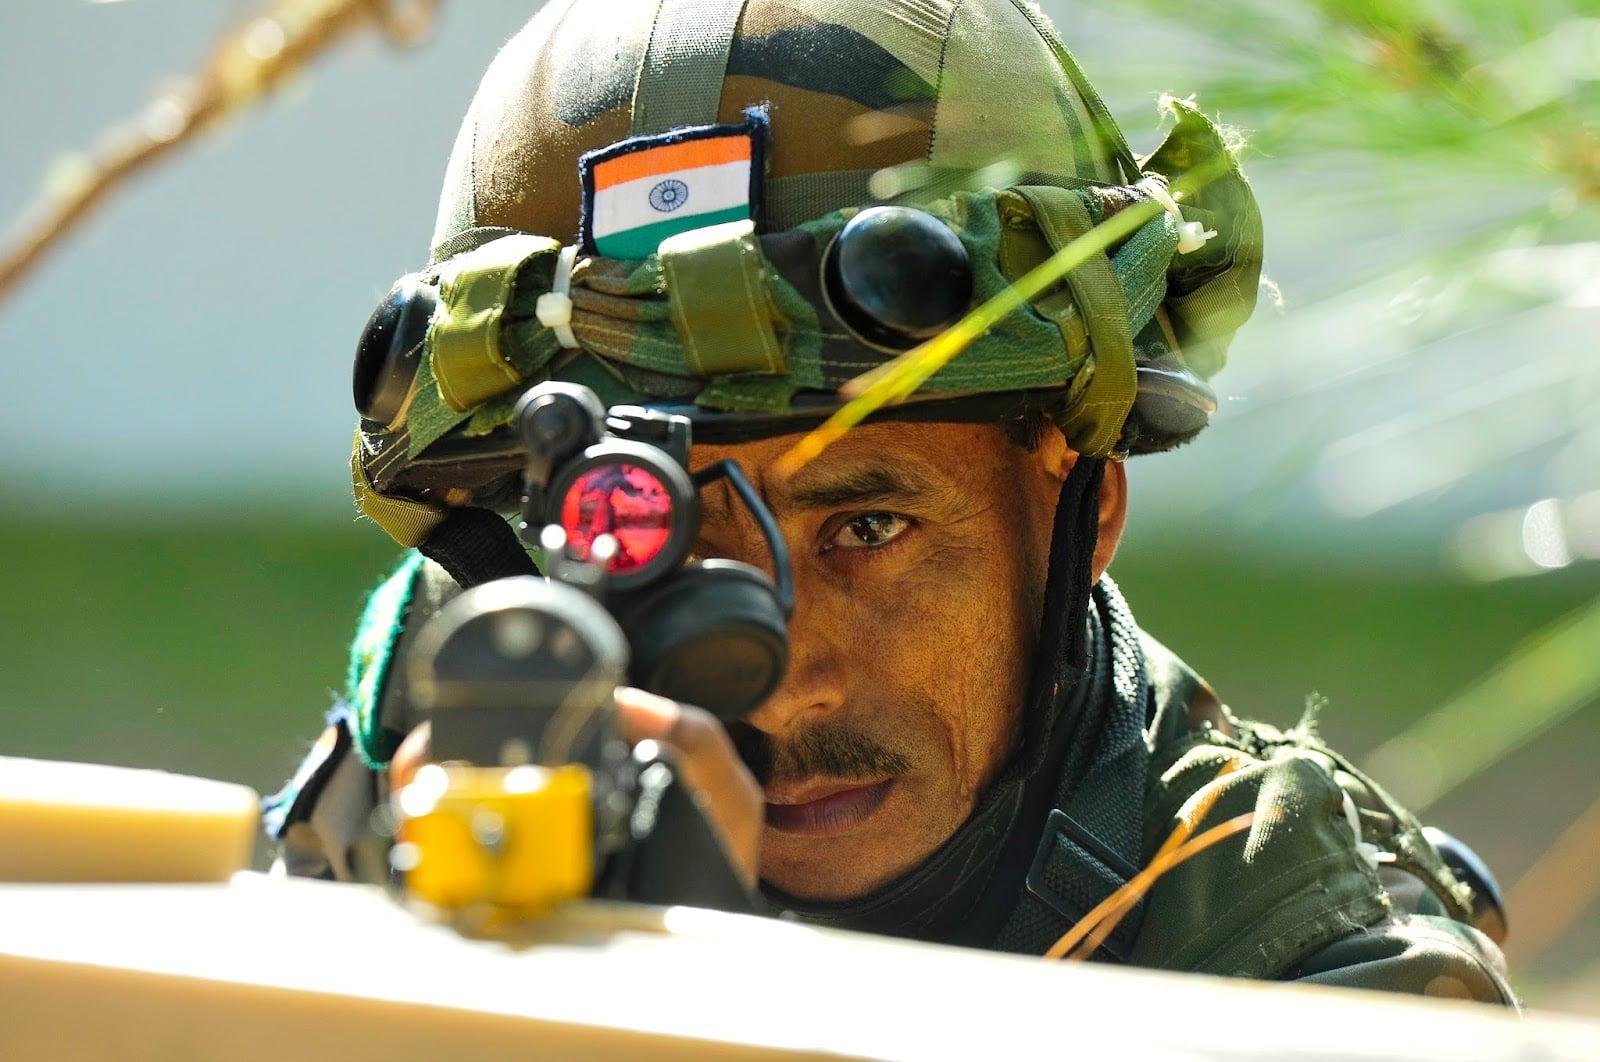 Μεγάλη διασυνοριακή μαχη βρίσκεται σε εξέλιξη μεταξύ Ινδίας και Πακιστάν